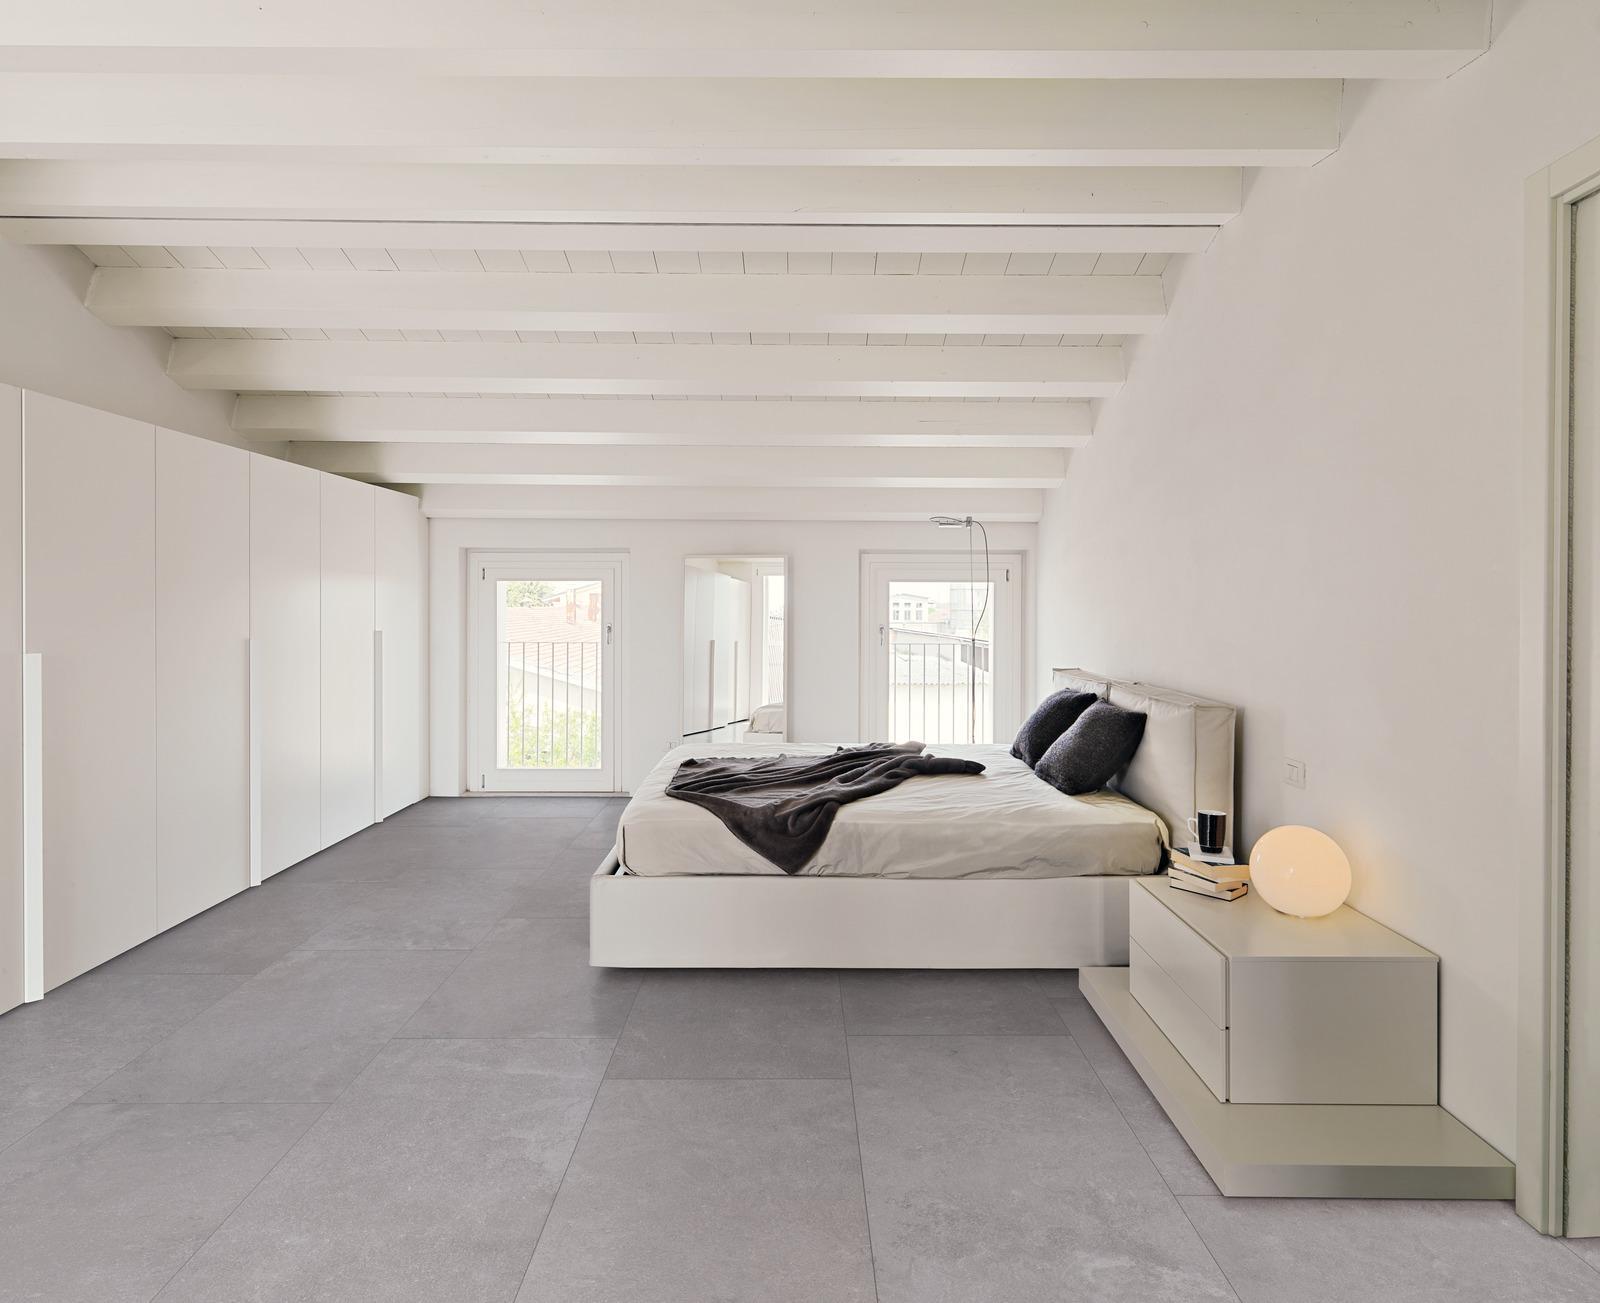 Pavimenti Camere Da Letto Moderne piastrelle camera da letto: ceramica per la zona notte | ragno